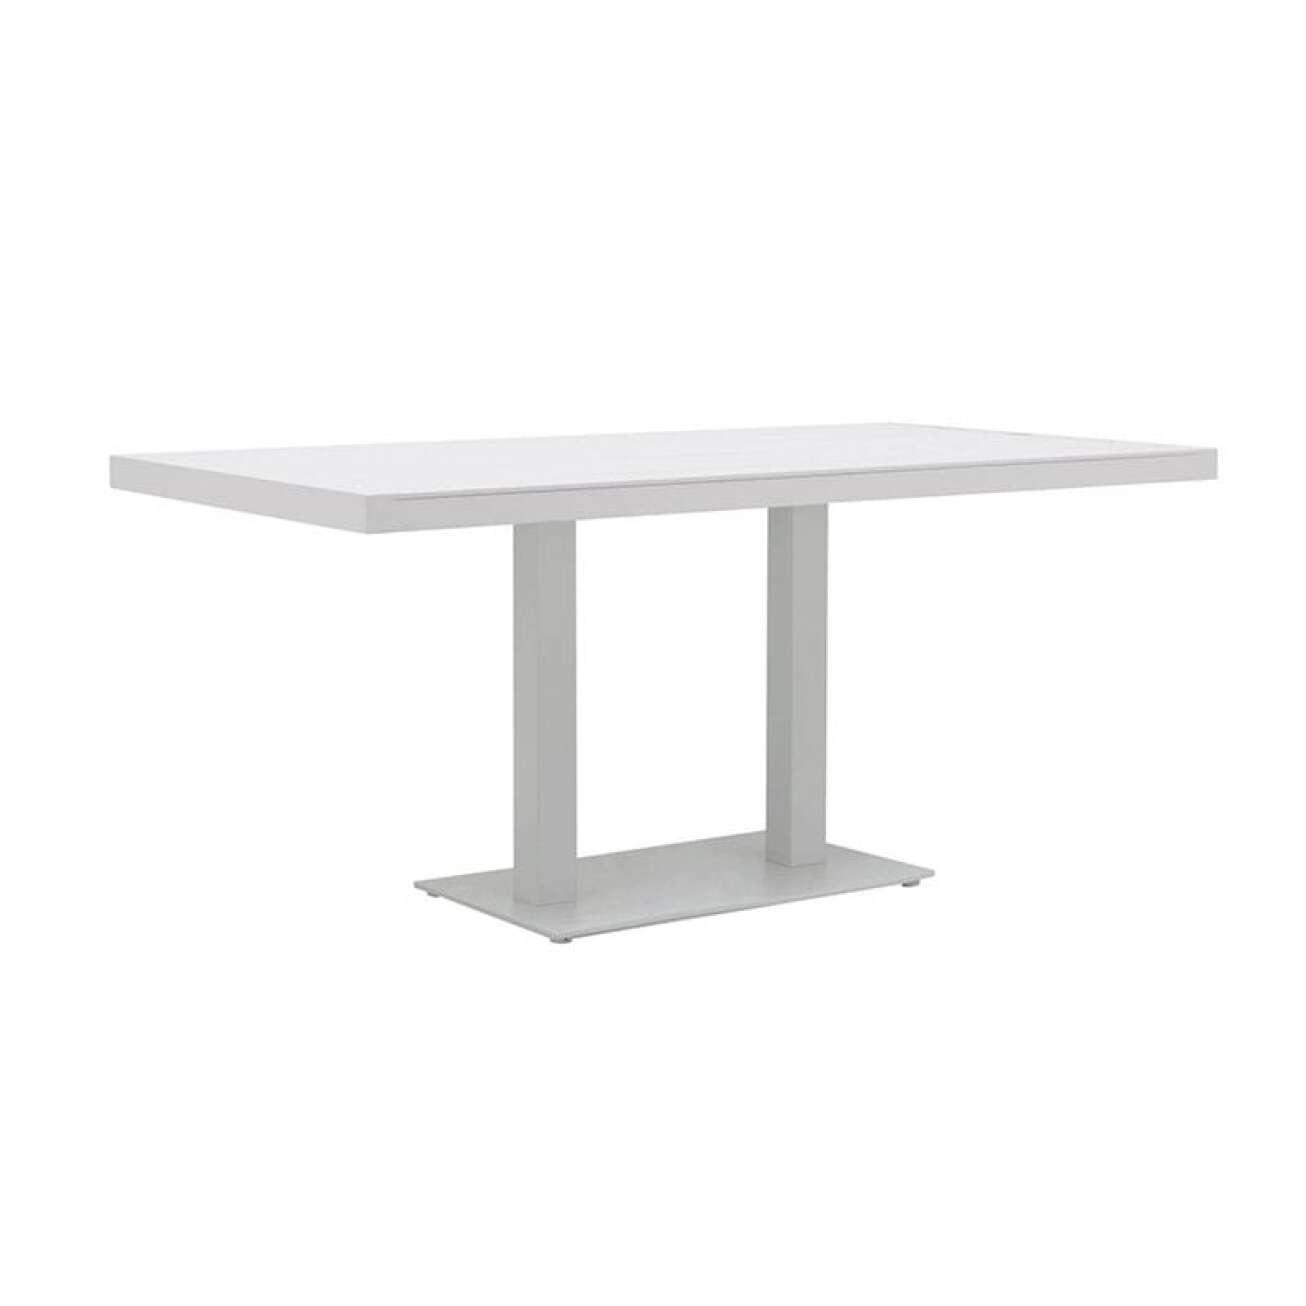 Gardenart Spisebord I Aluminium Med Kun To Plassbesparende Bein (100685hvit) Hagemøbler og utemøbler - Fine design